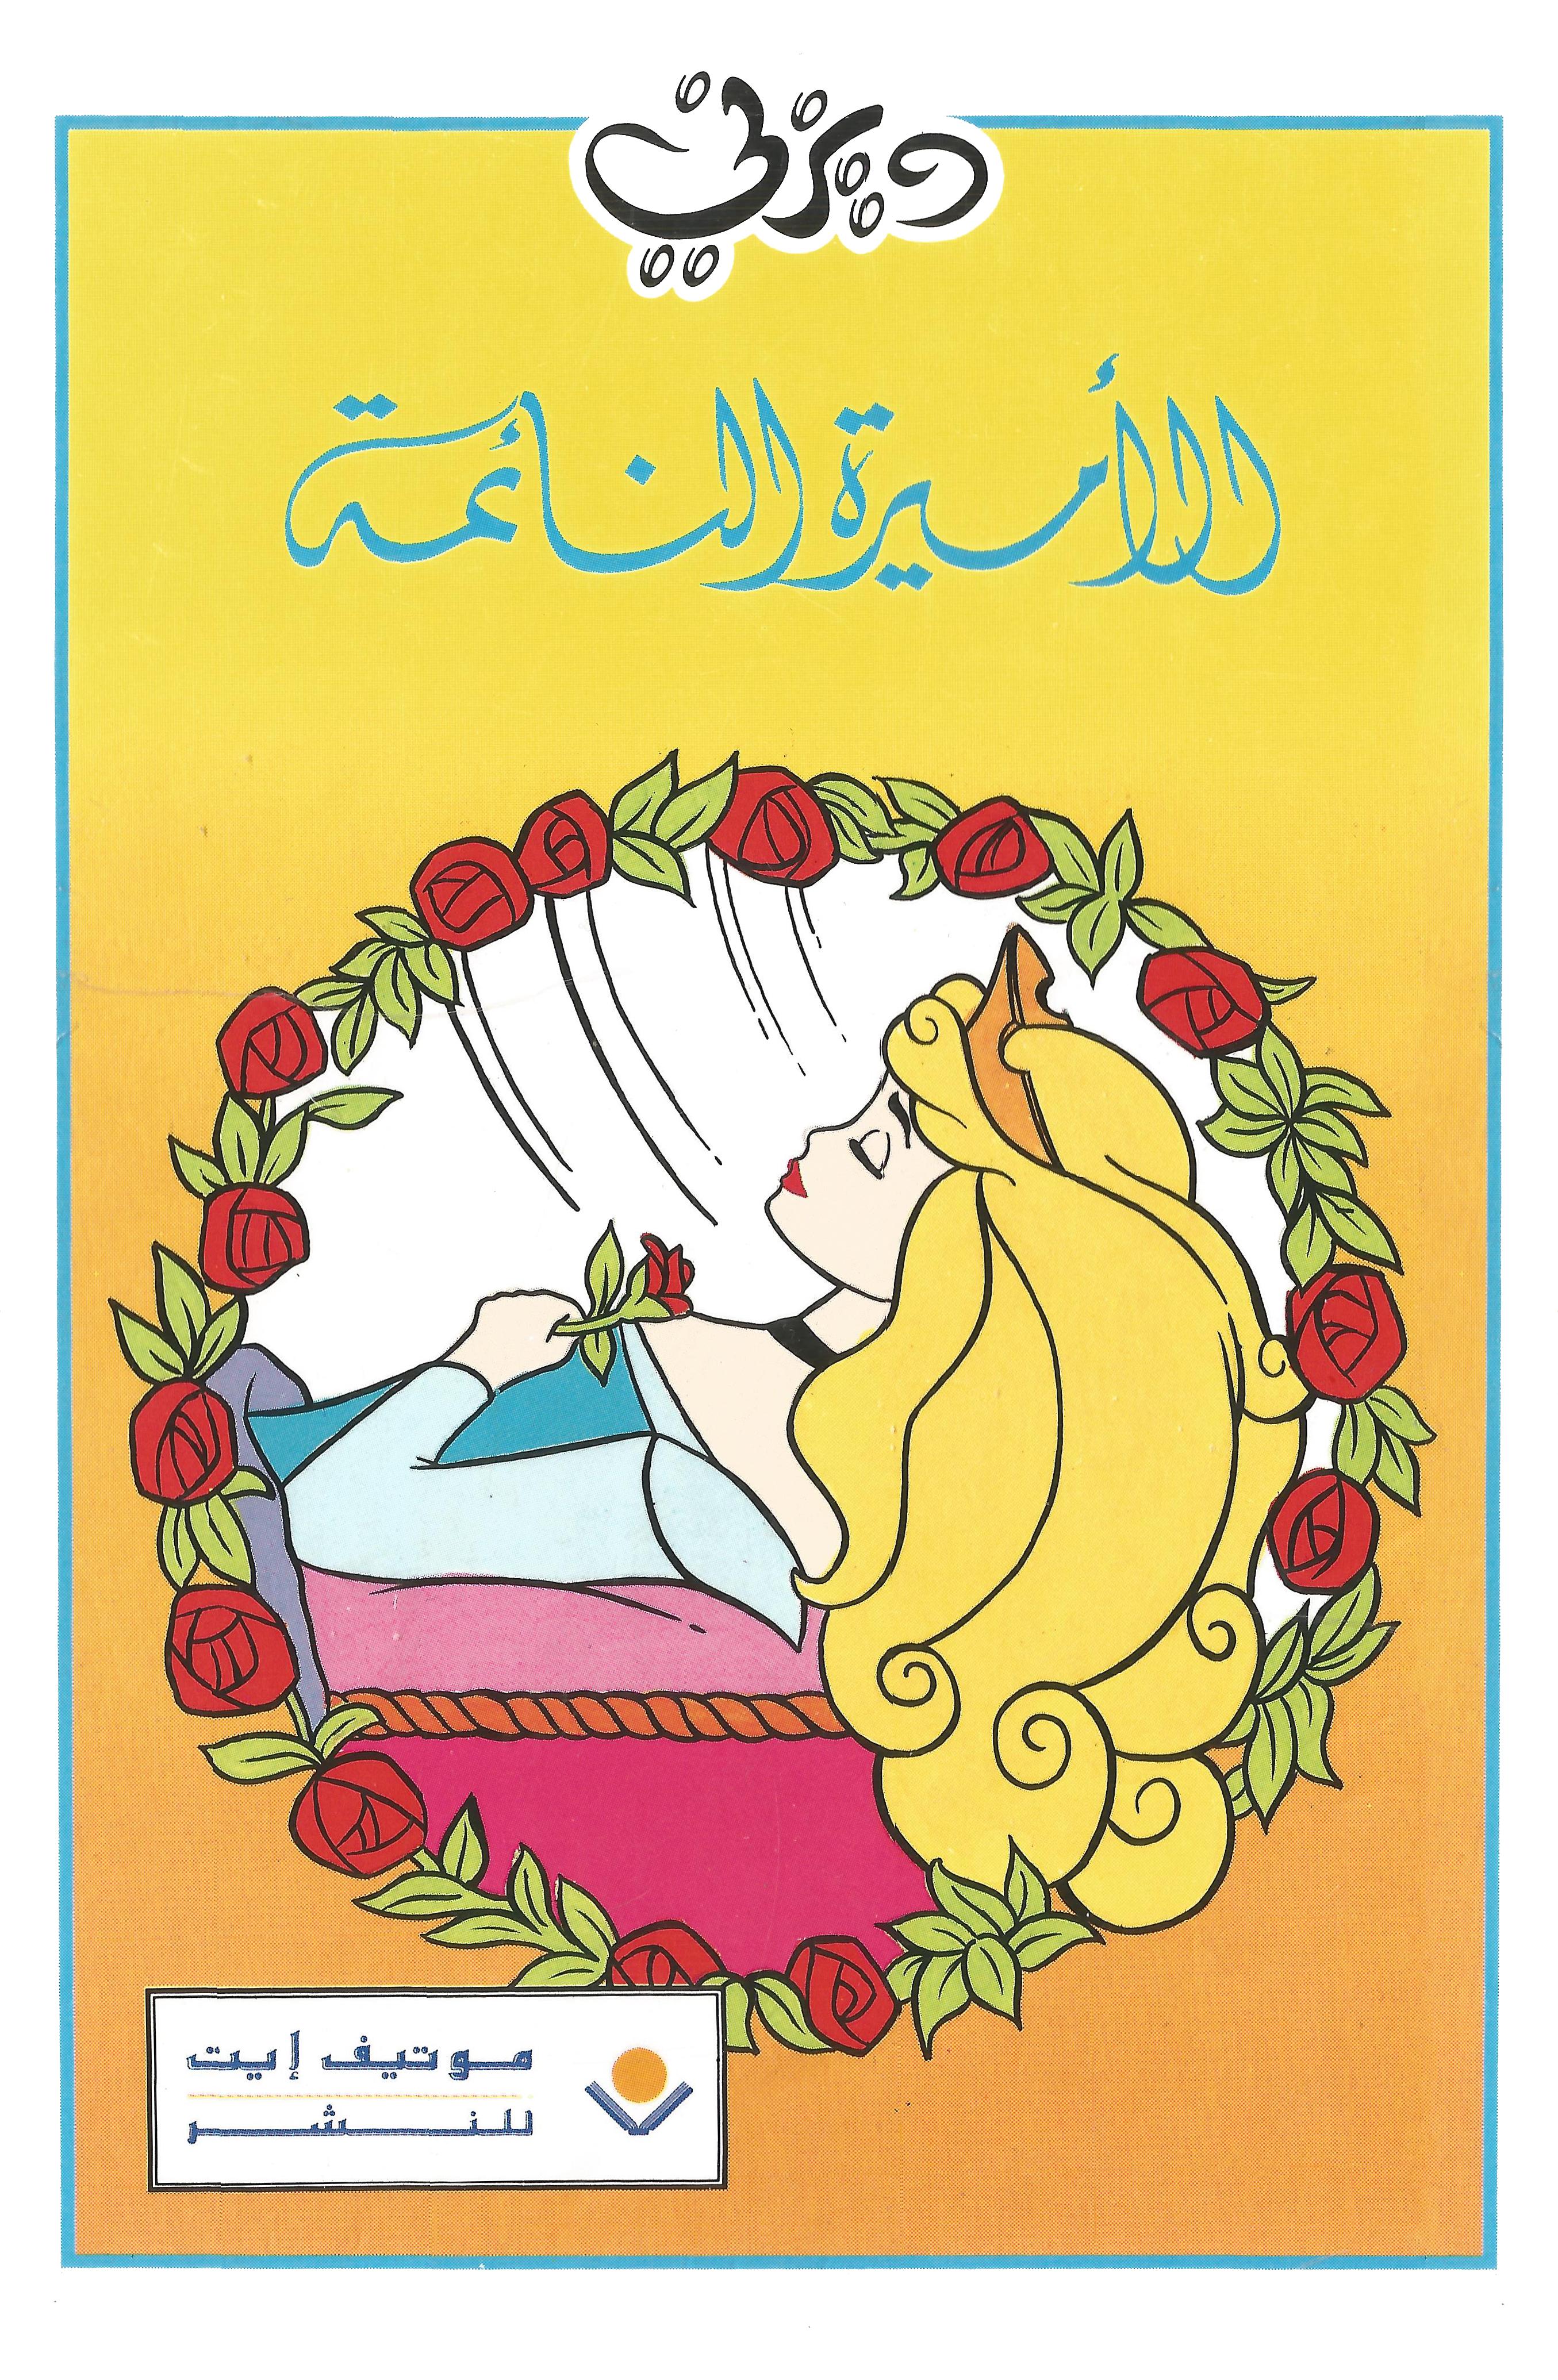 الأميرة النائمة (سلسلة القراءة المبسطة)